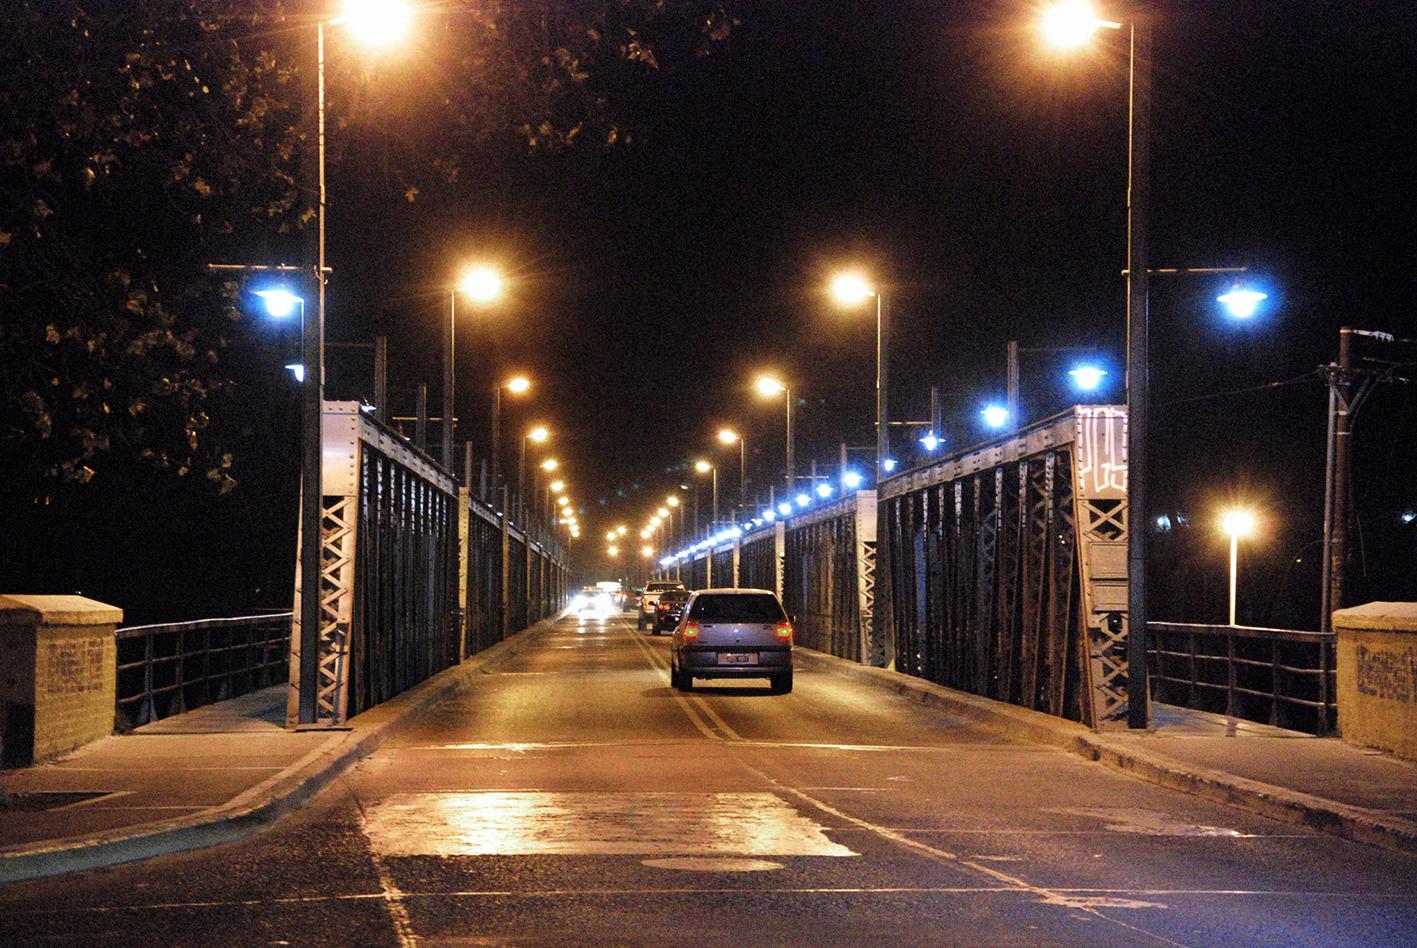 Image result for autotrol compañía concesionaria de rio cuarto